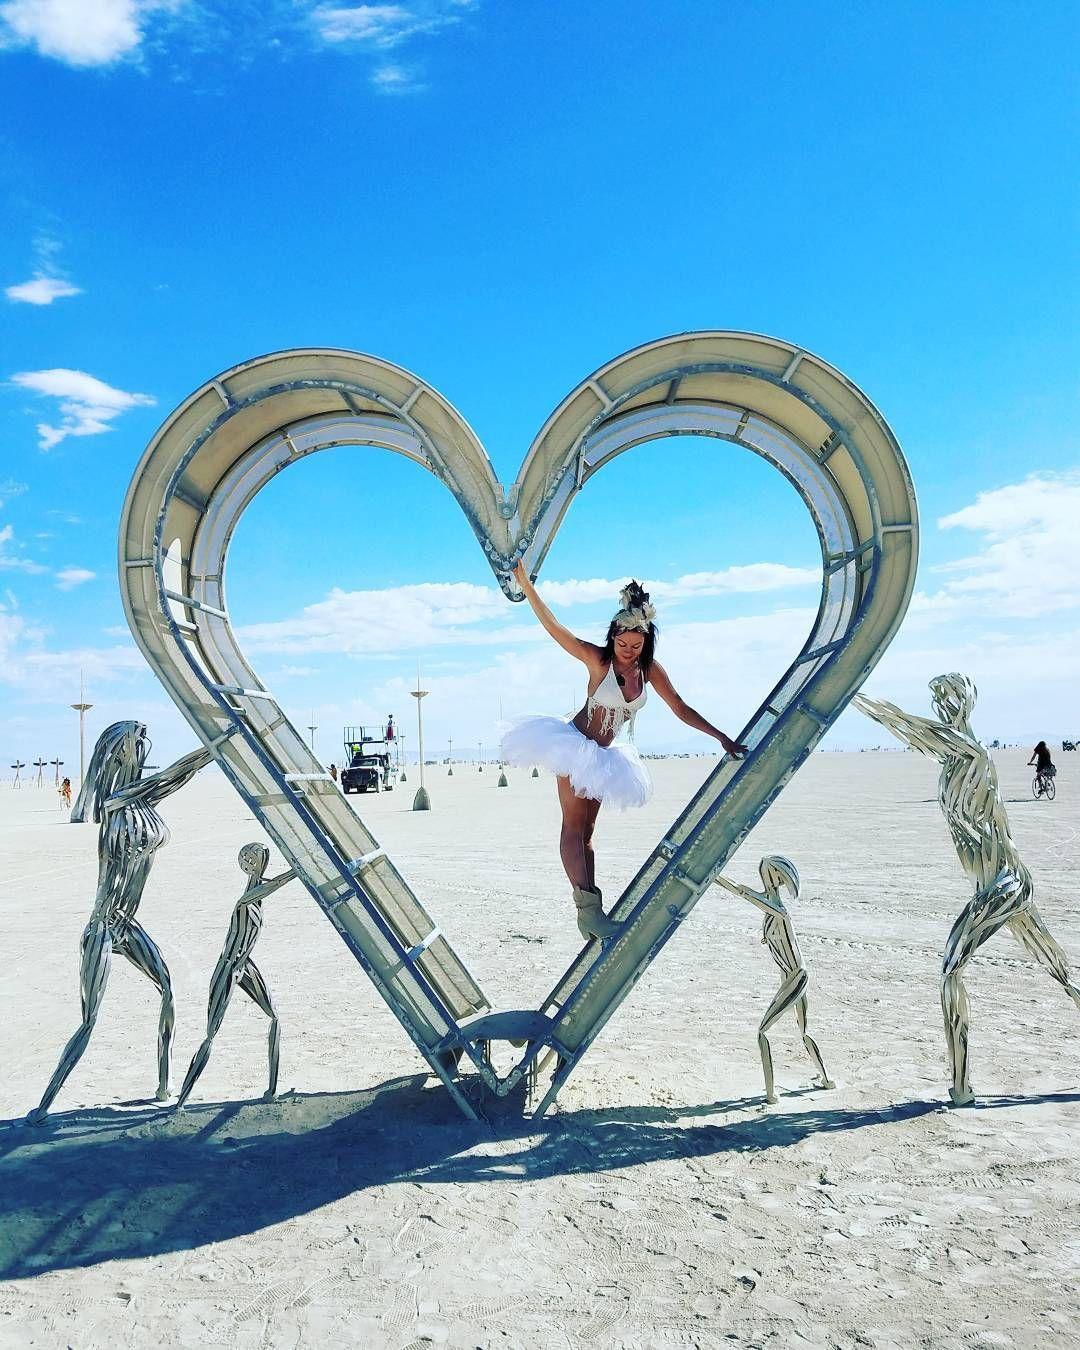 Пилюка, голі тіла та сучасне мистецтво: круті фото з фестивалю Burning Man 2017 - фото 336423